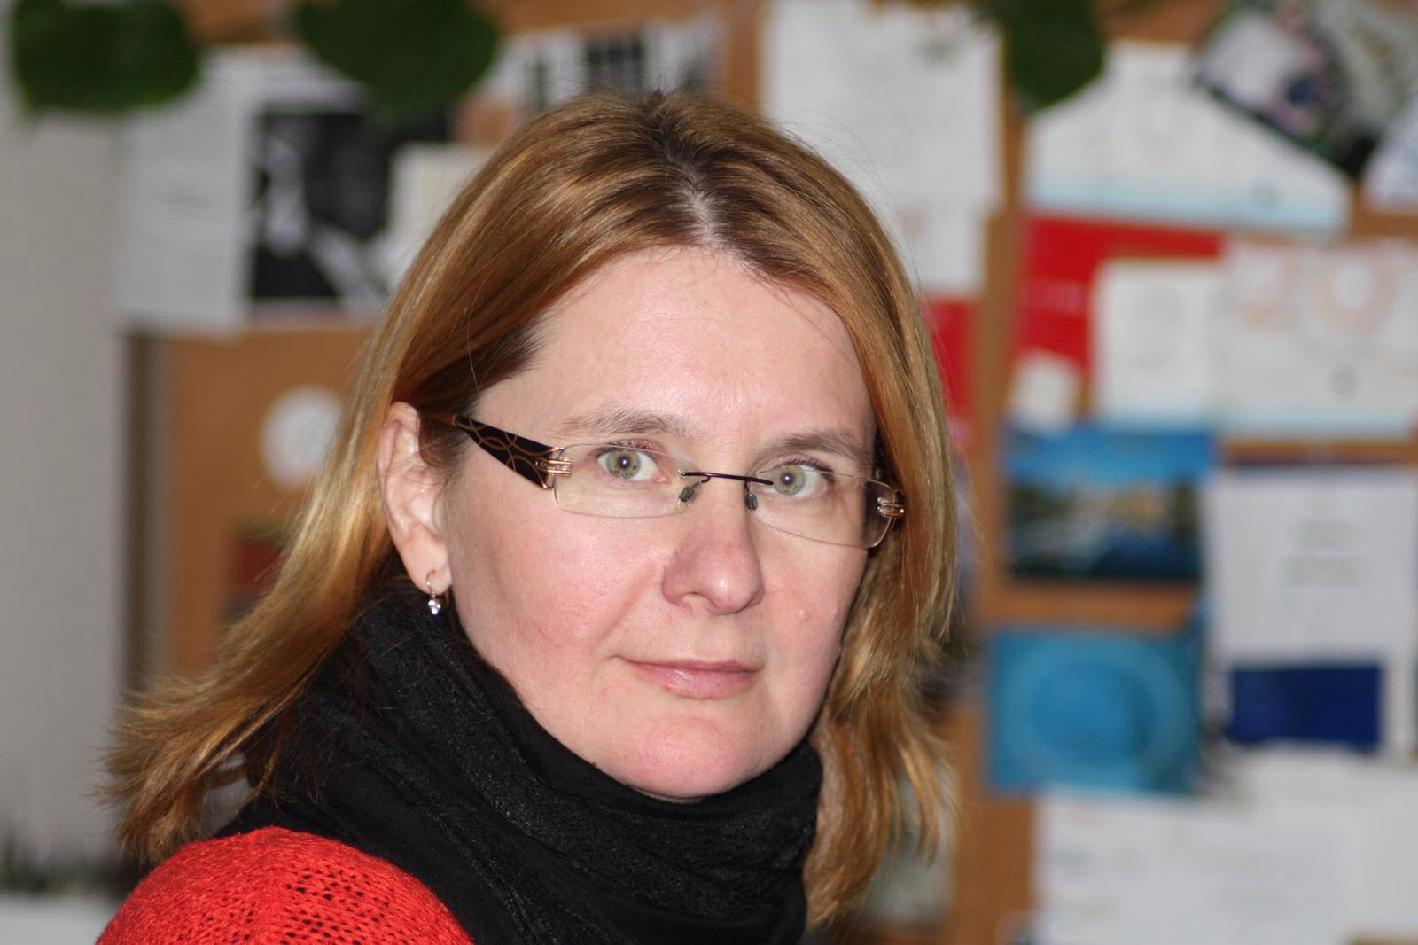 Kamila Pešeková